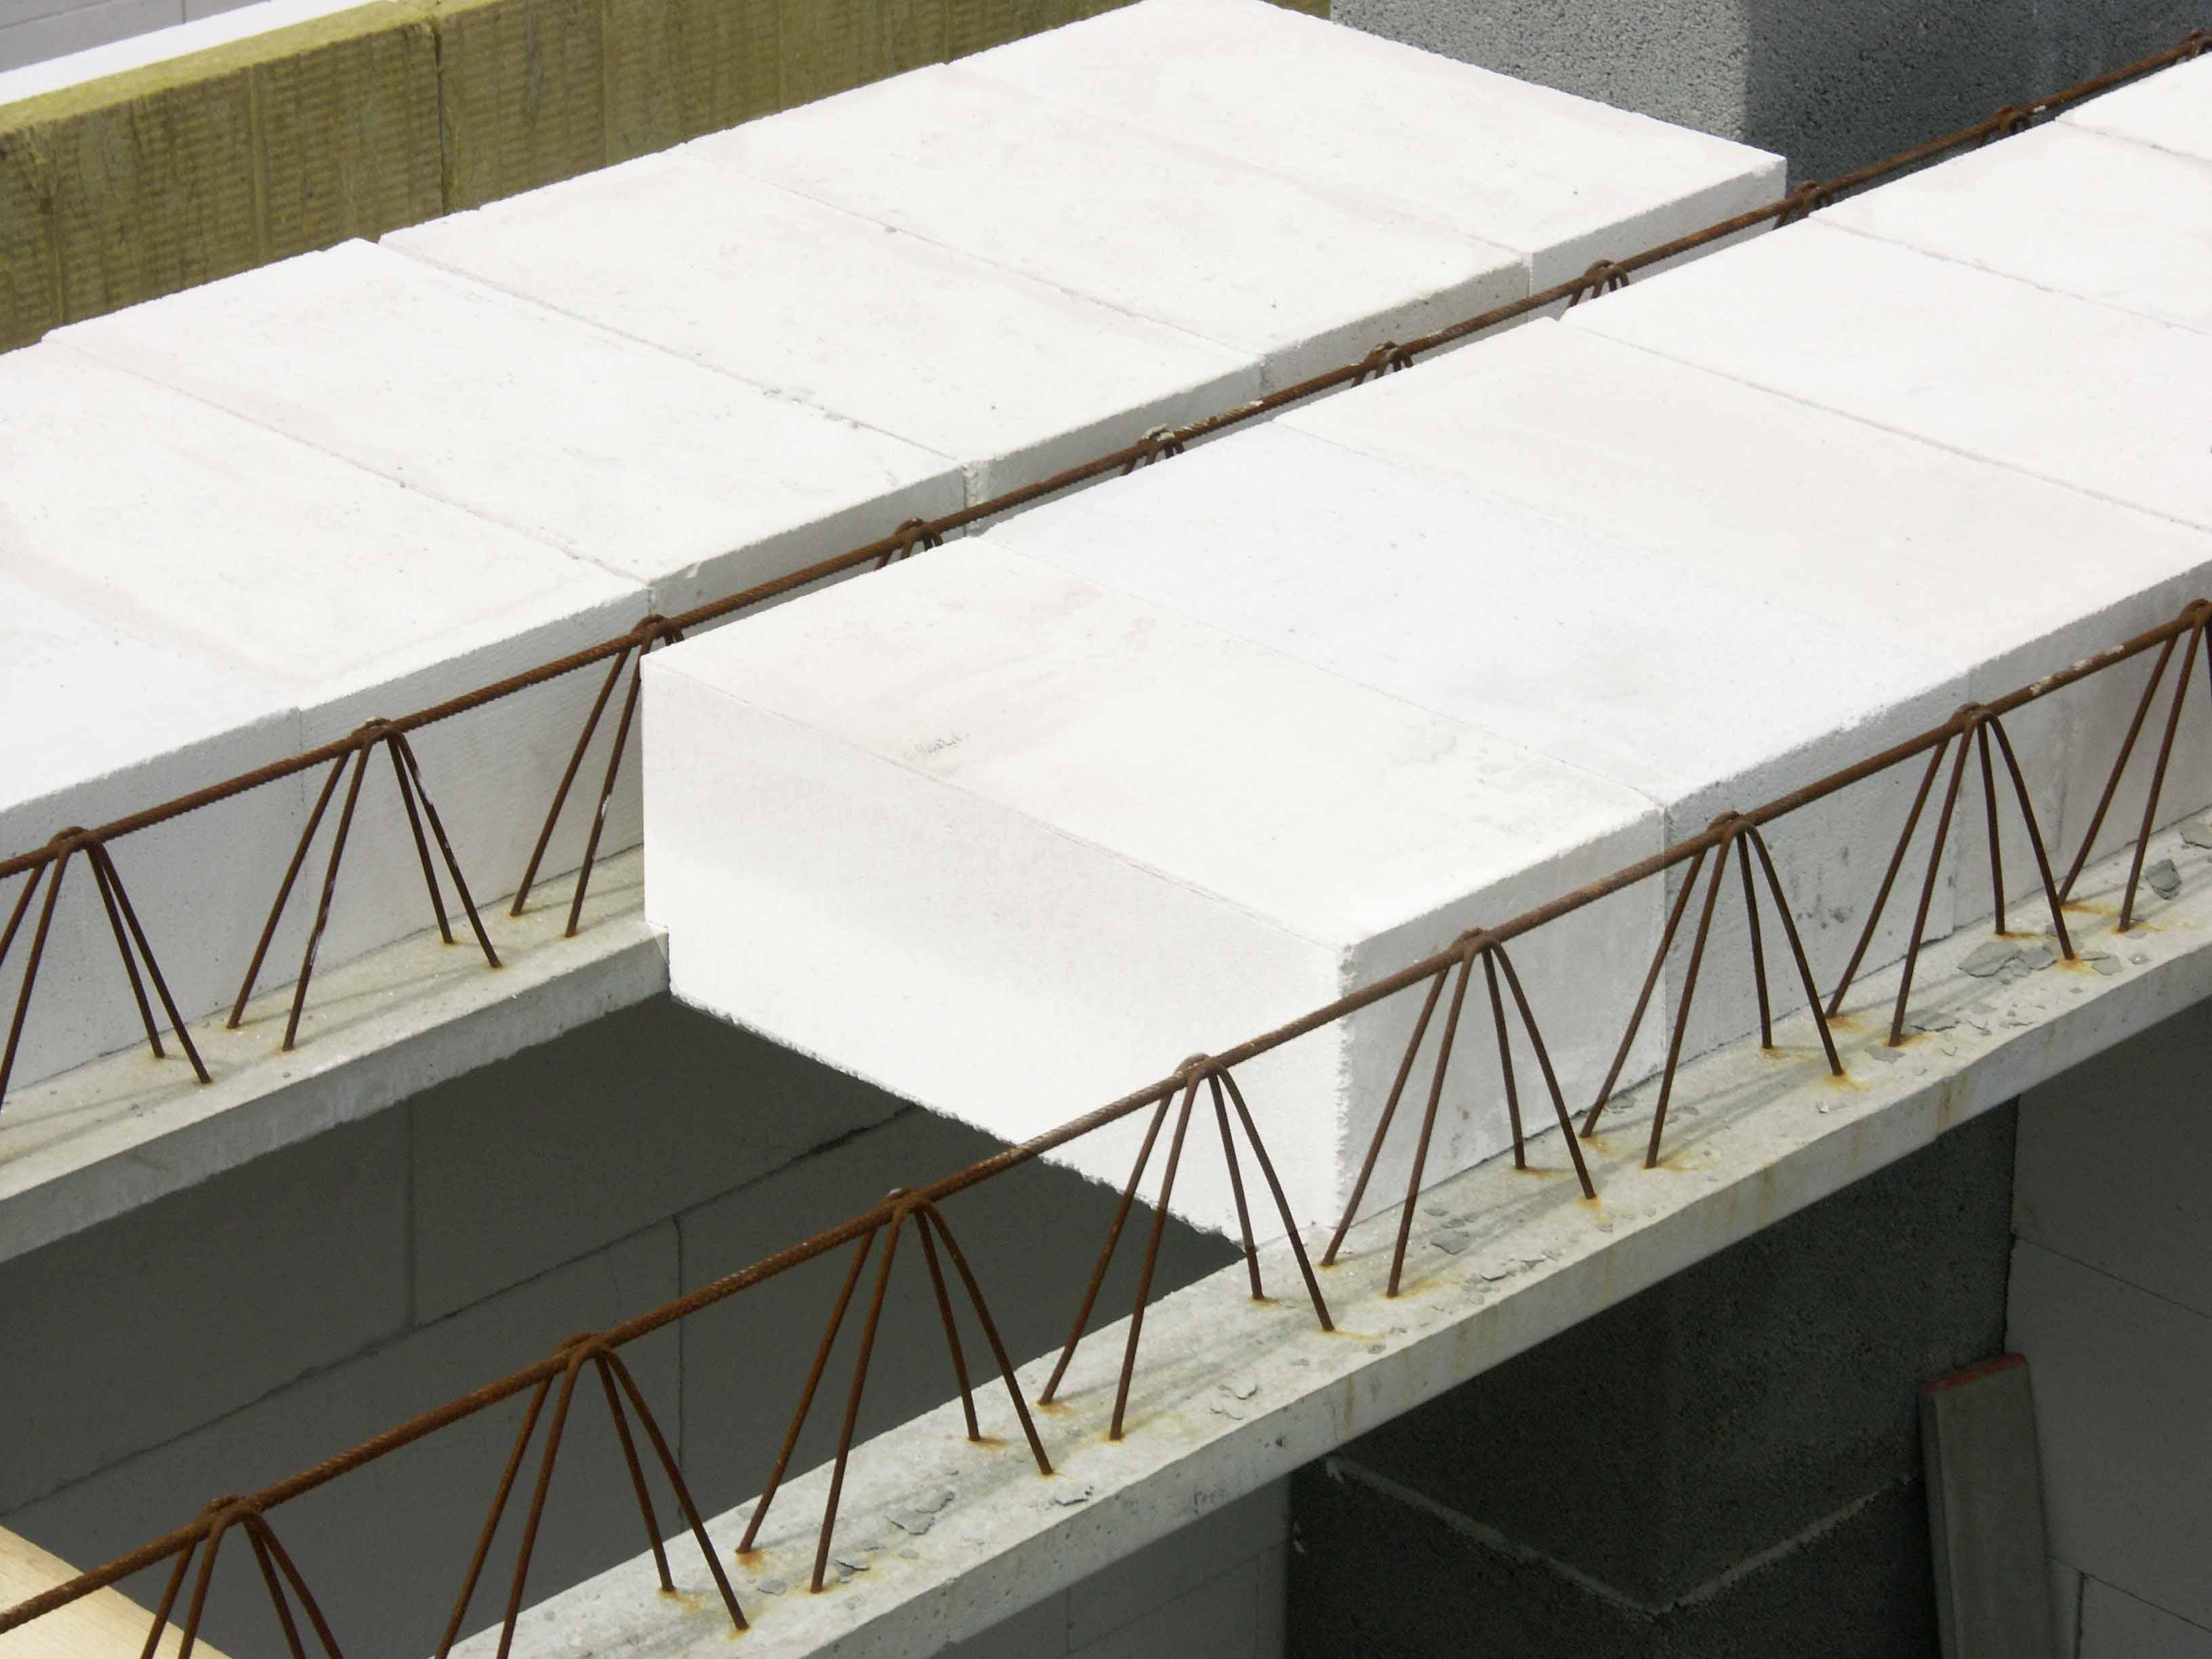 Также применяют сборные железобетонные перекрытия, изготовление которых происходит на заводах